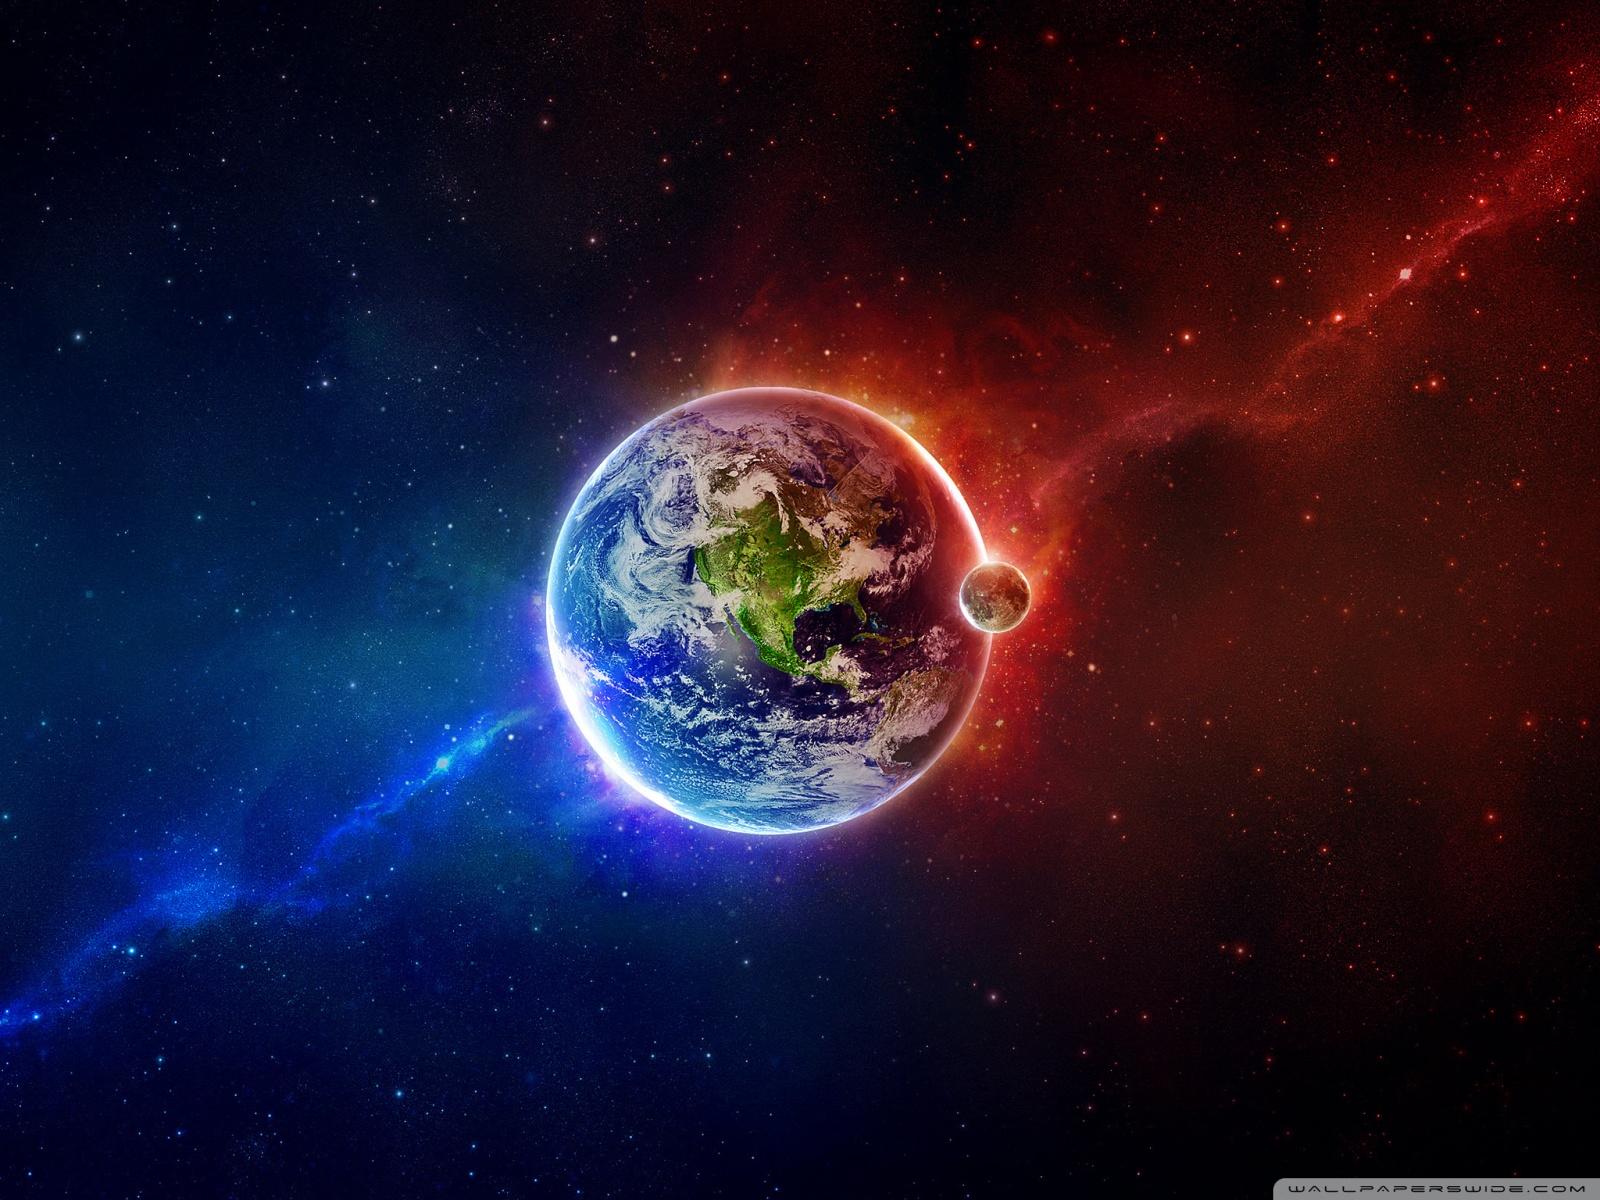 fond ecran planete